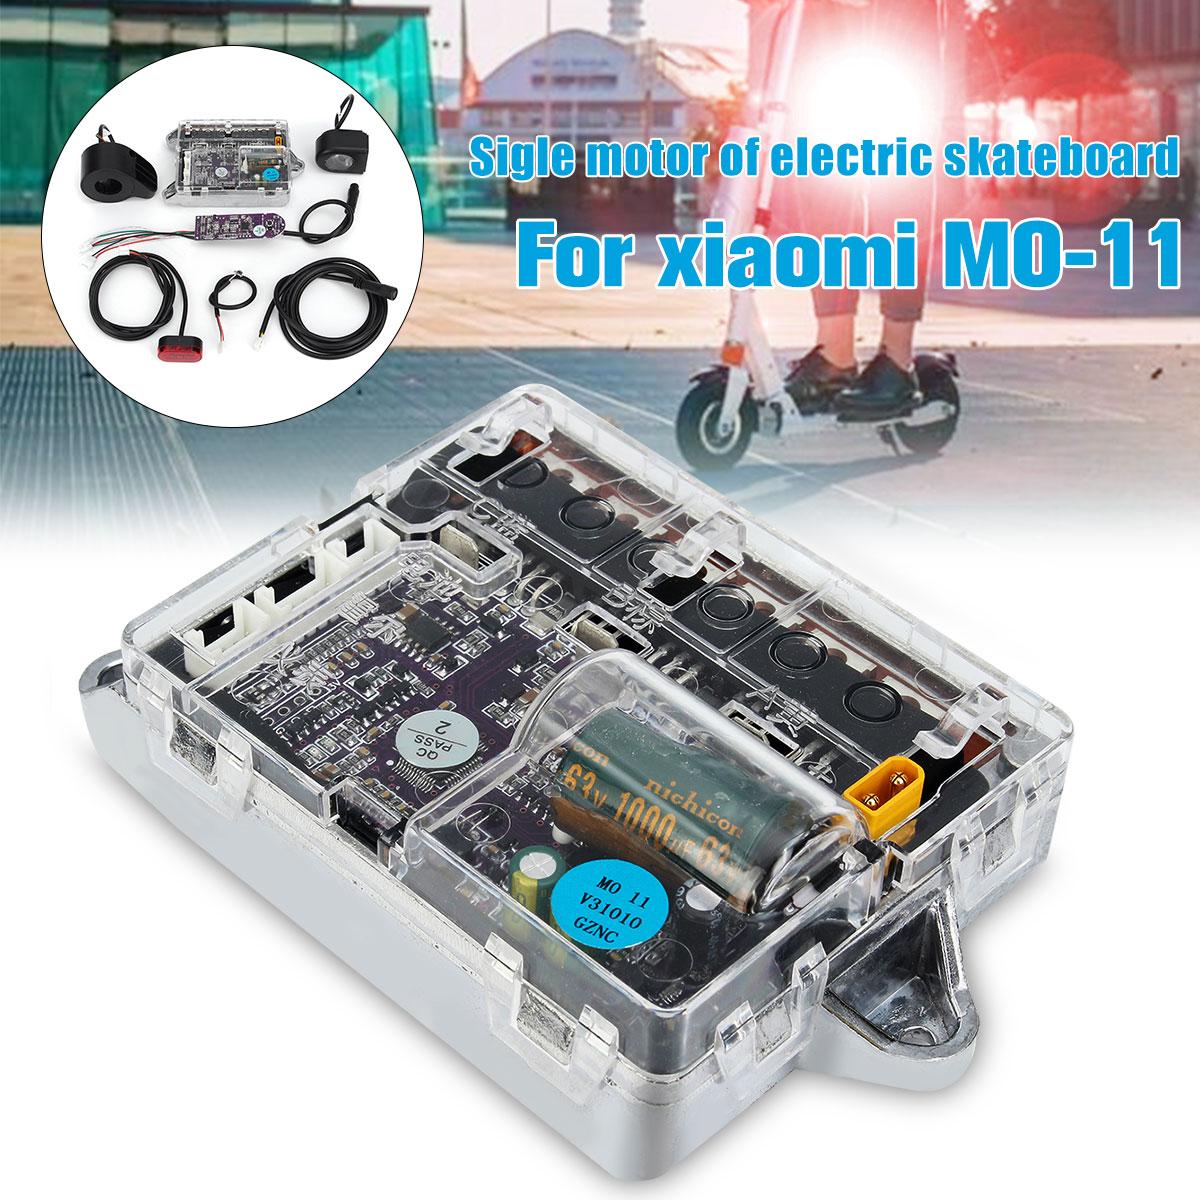 Planche à roulettes Skate Scooter bricolage Sigle moteur de contrôleur de planche à roulettes électrique carte principale ESC Kit de remplacement pour xiaomi MO-11 M0-11